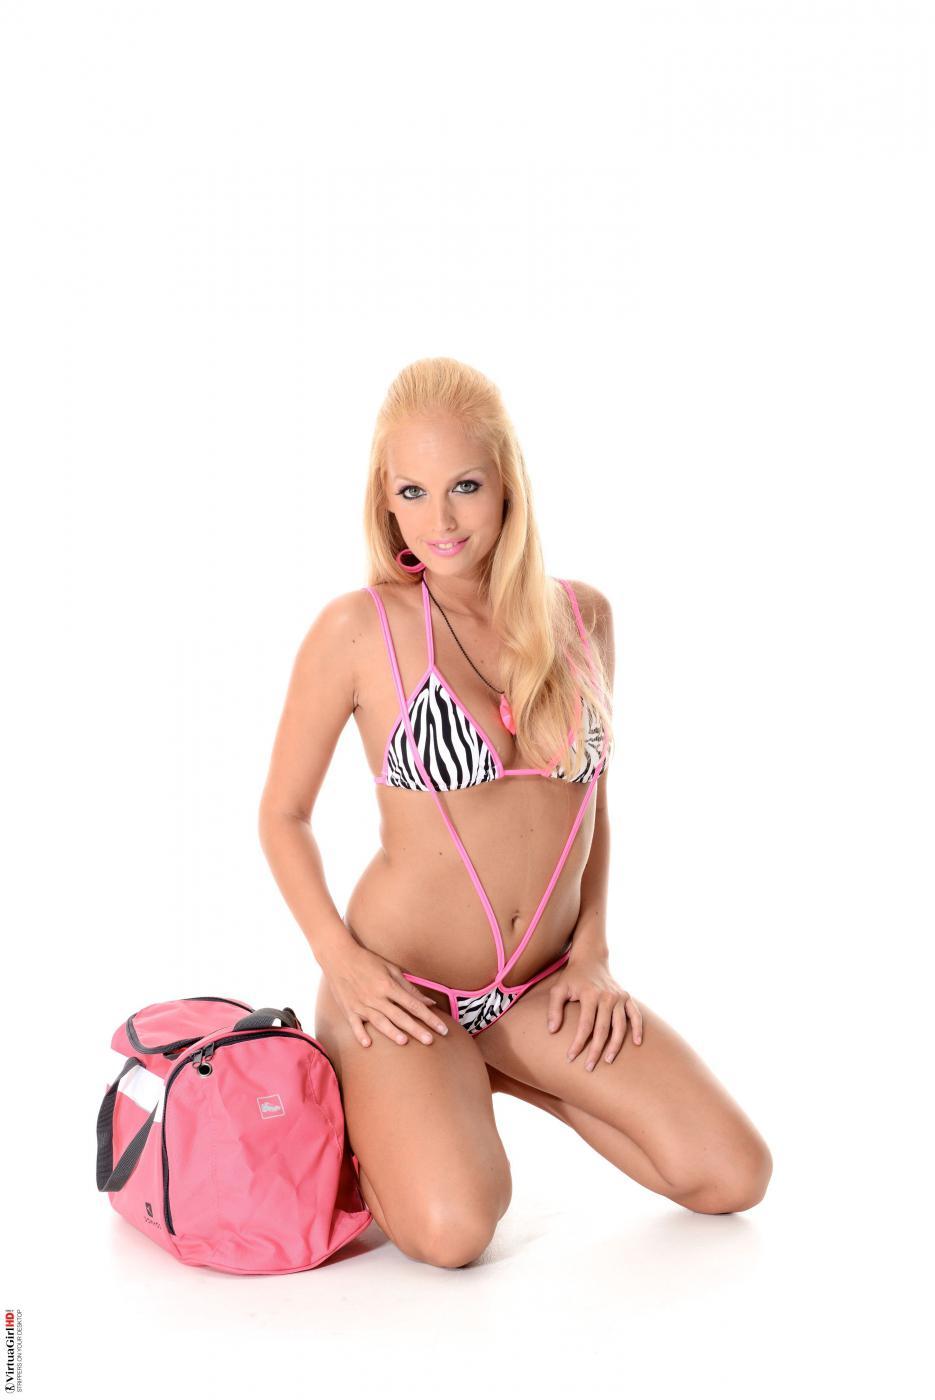 Сексуальная блондинка Melody Powers остается без лифчика и натирает полную грудь ароматическим лосьоном